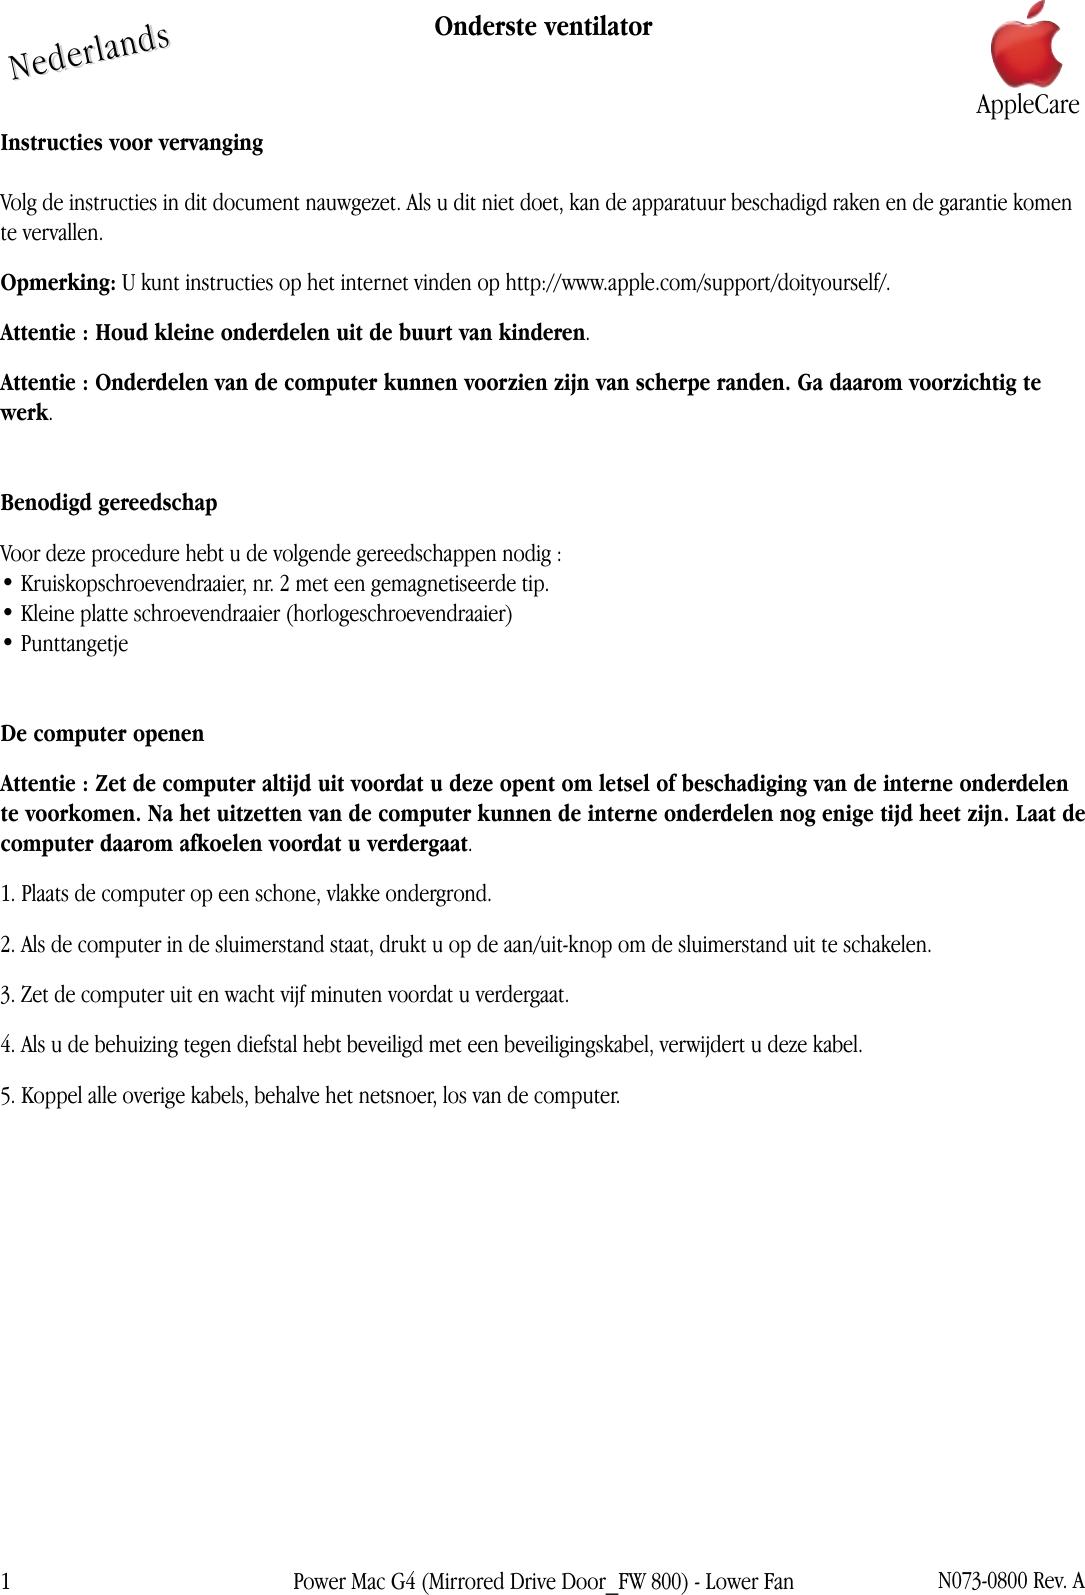 Spiegel Op Je Computer.Apple Powermacg4 Spiegel Drivedeur Lower Fan User Manual